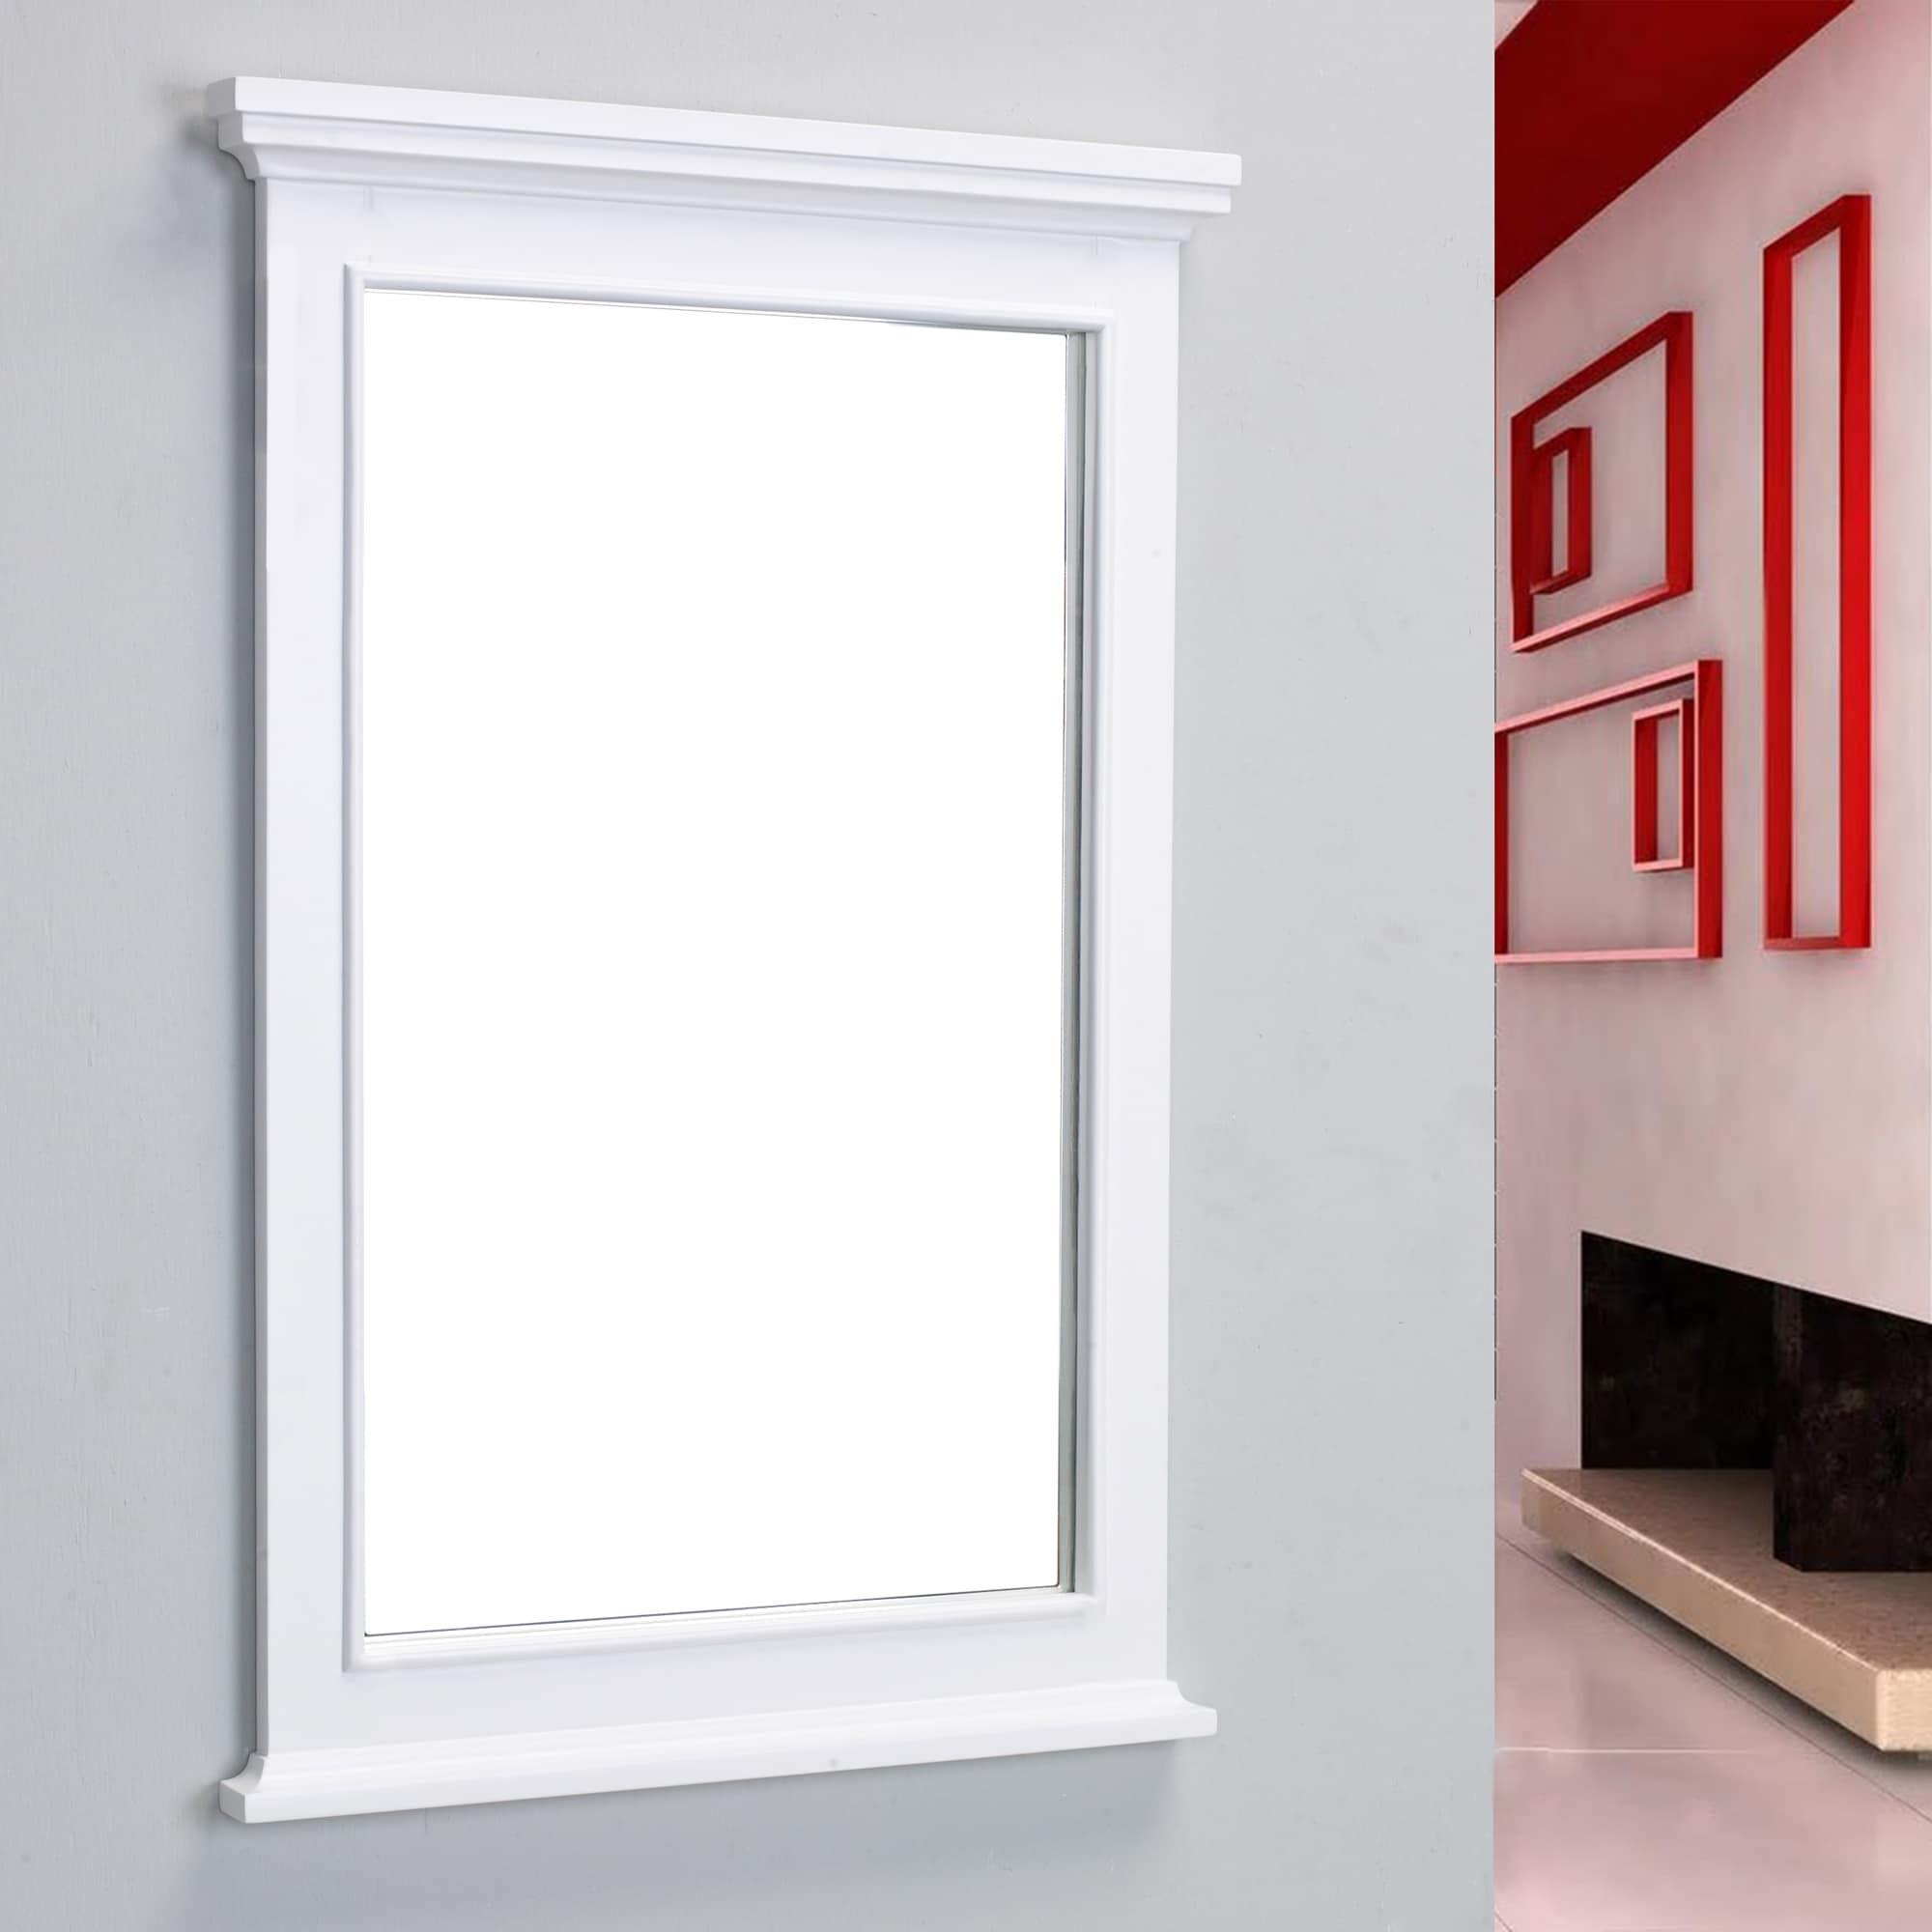 Shop Eviva Elite Stamford White Full Framed Bathroom Mirror - Free ...